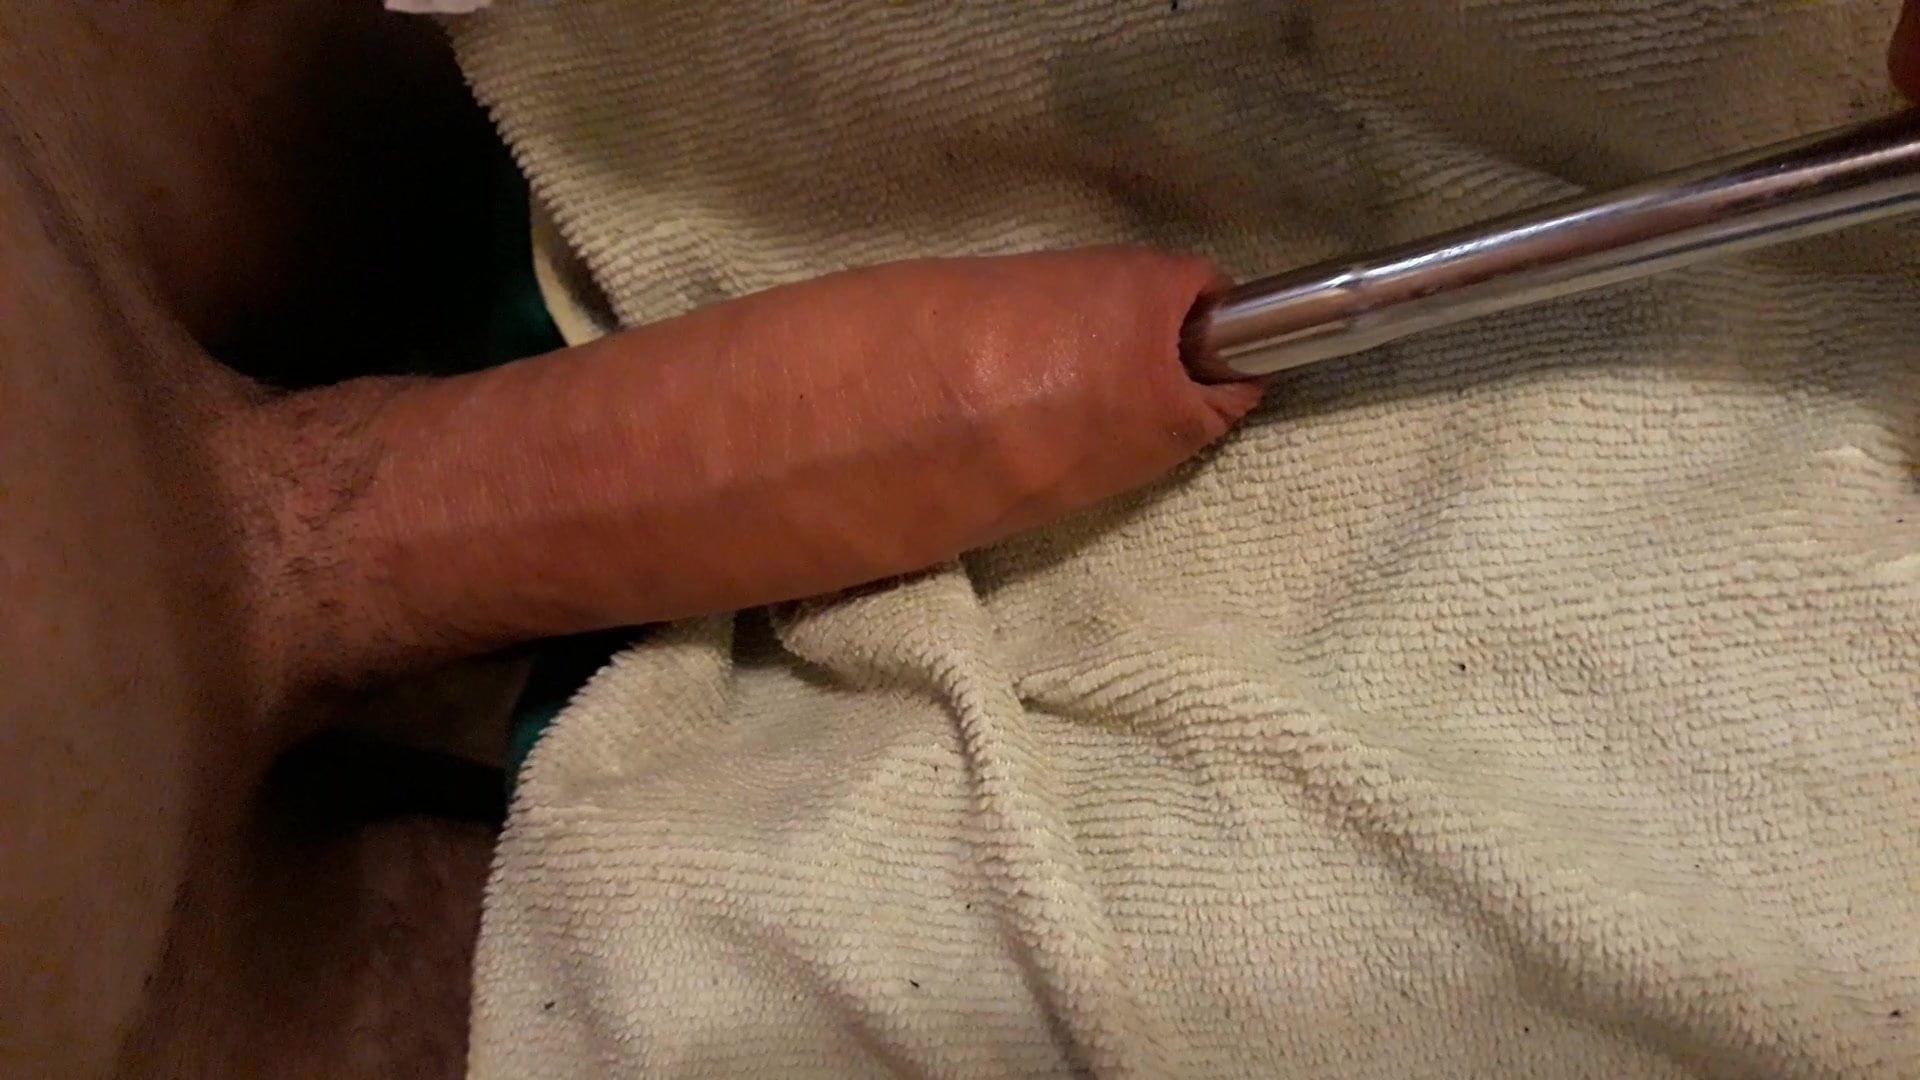 Fucking anal intercourse toy whereas sounding